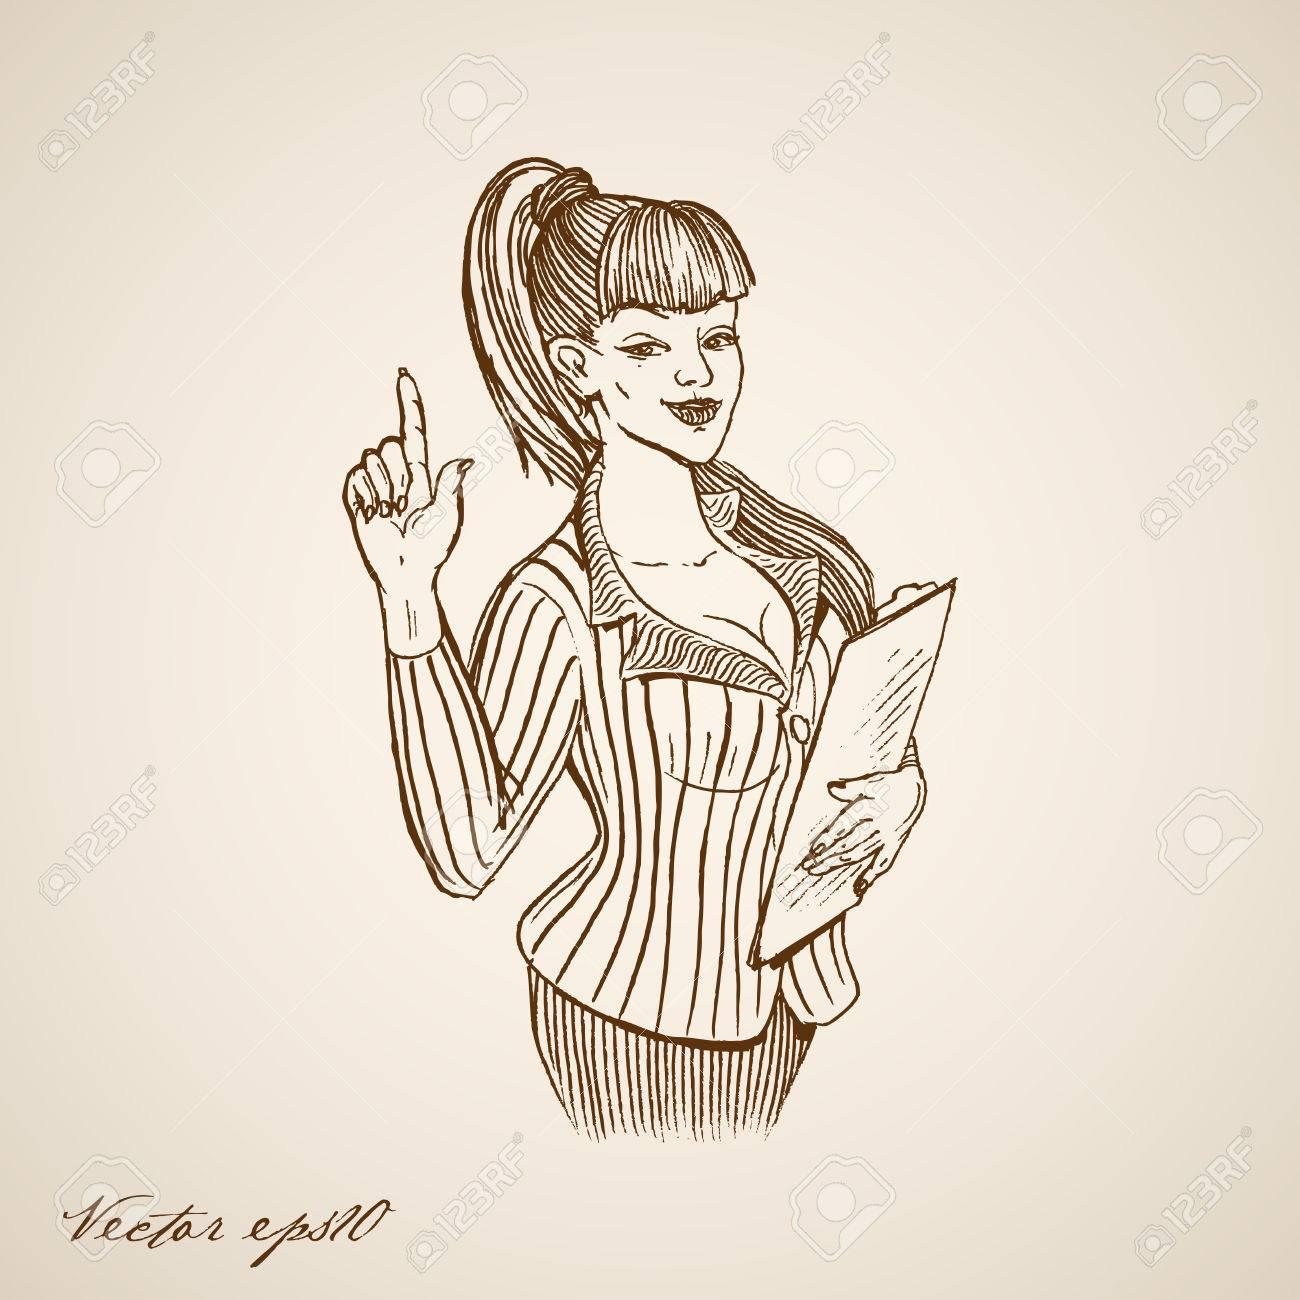 Banque dimages gravure main cru dessinée secrétaire femelle avec dossier doodle collage pencil sketch réceptionniste daffaires illustration